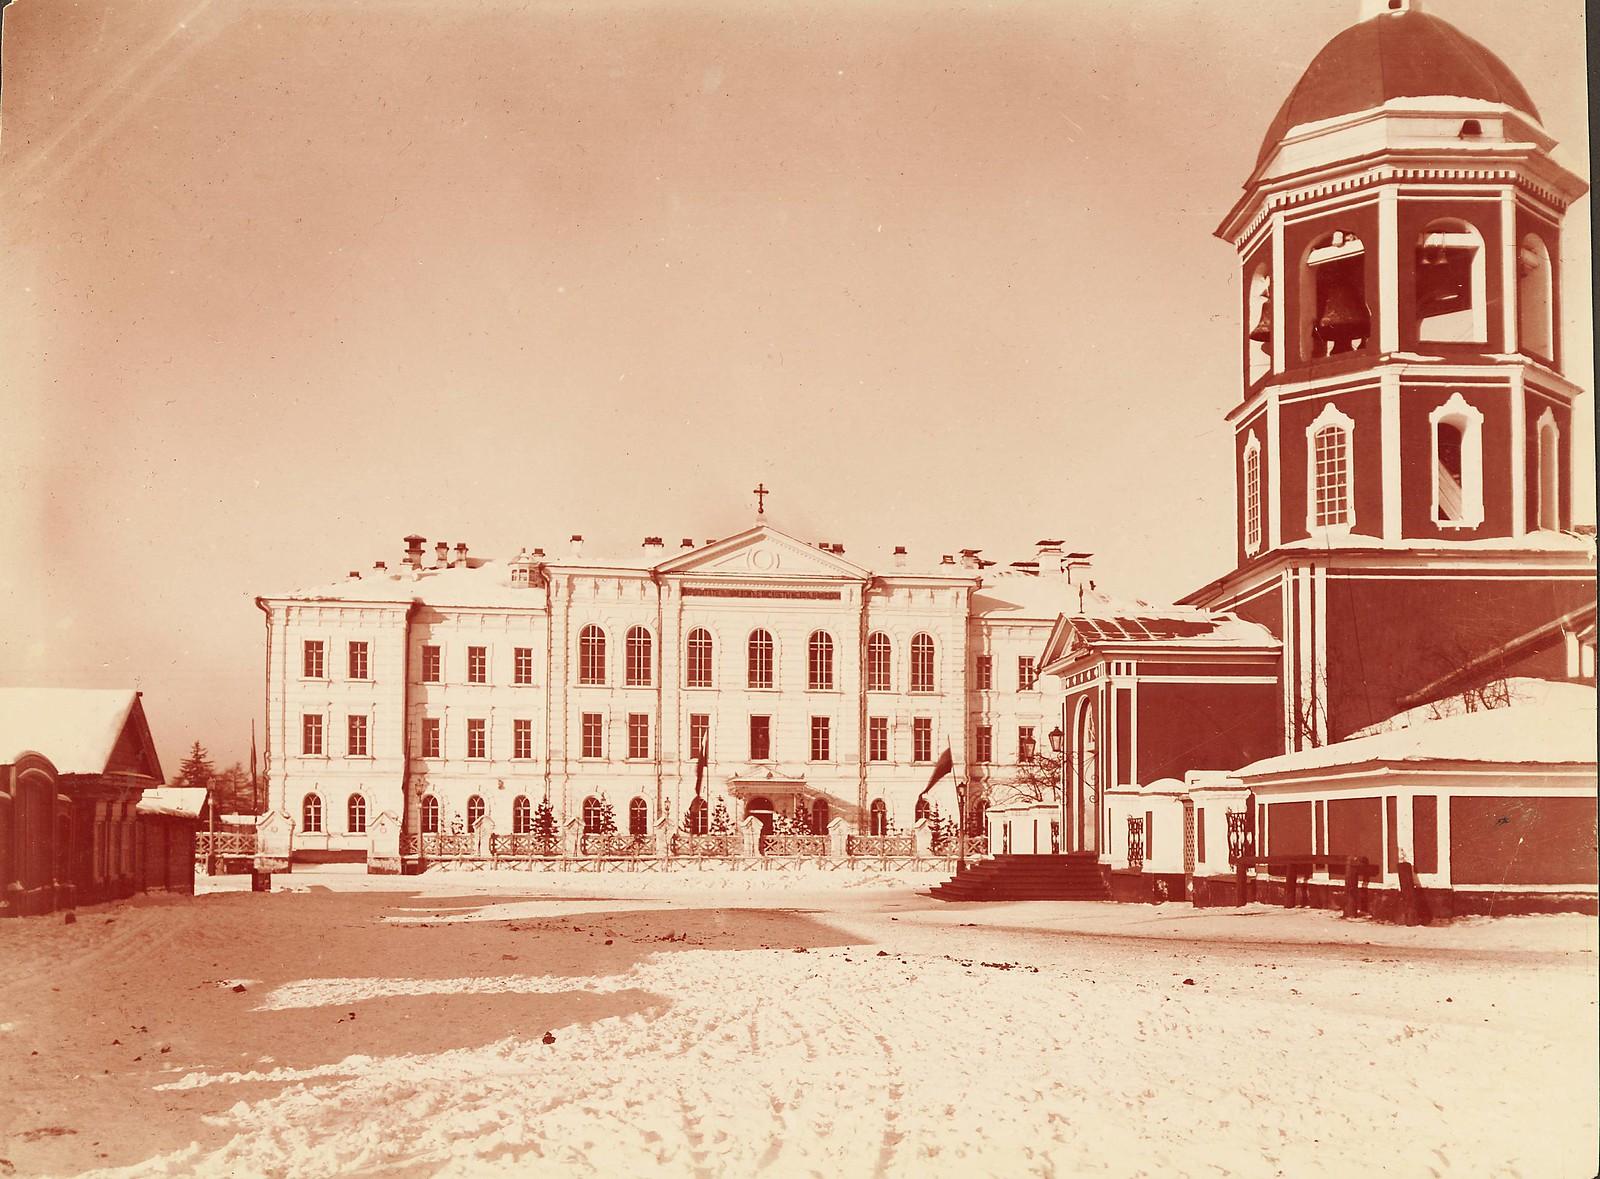 Иркутск. Церковь Спаса Преображения и Сиропитательный дом Елизаветы Медведниковой